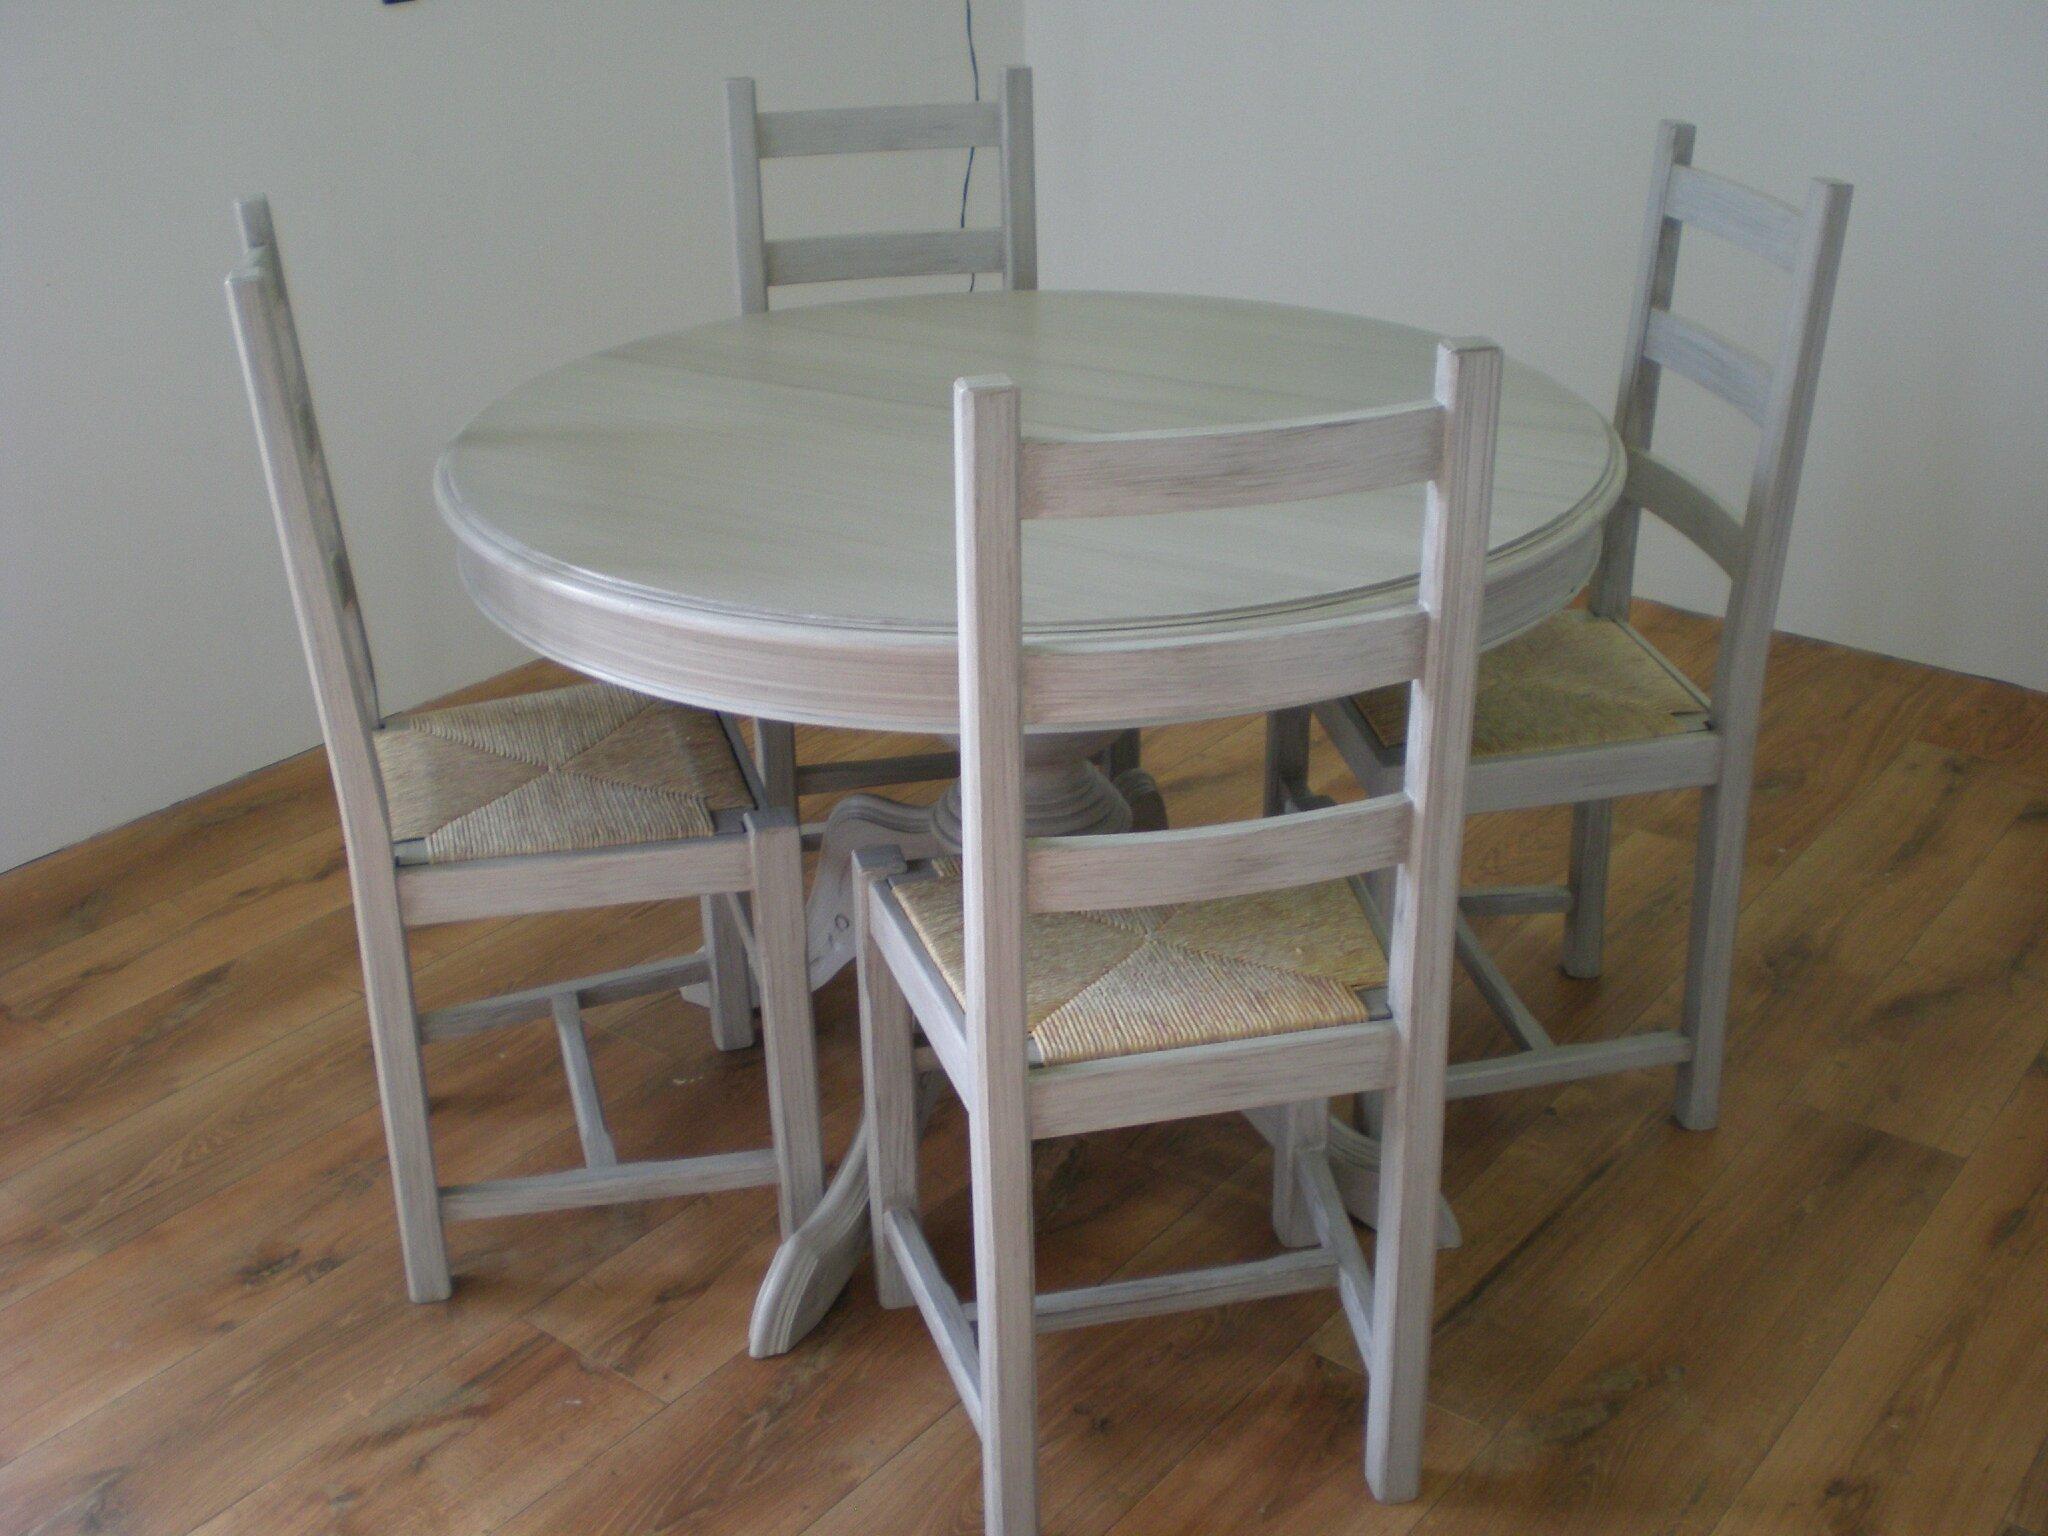 Comment Repeindre Des Fauteuils En Rotin patine grise pour une table et des chaises - nature camaïeu